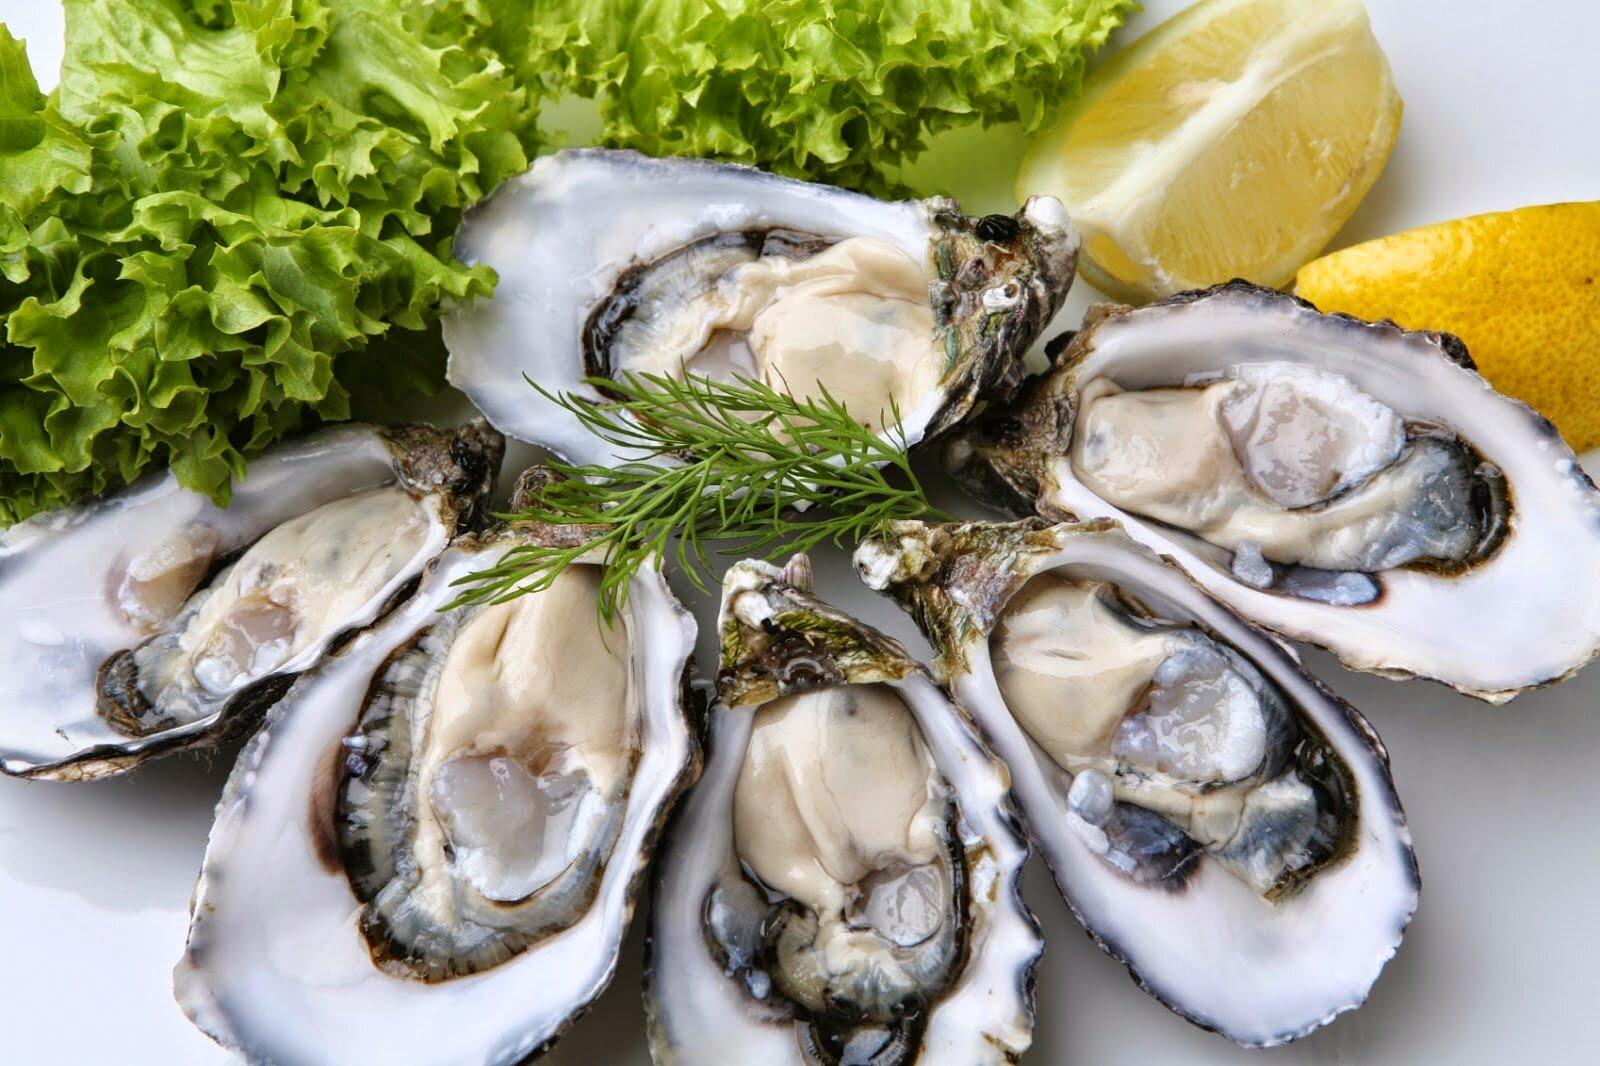 Loại hải sản này được chế biến thành những món ăn ngon và vô cùng bổ dưỡng cho não bộ và cơ thể